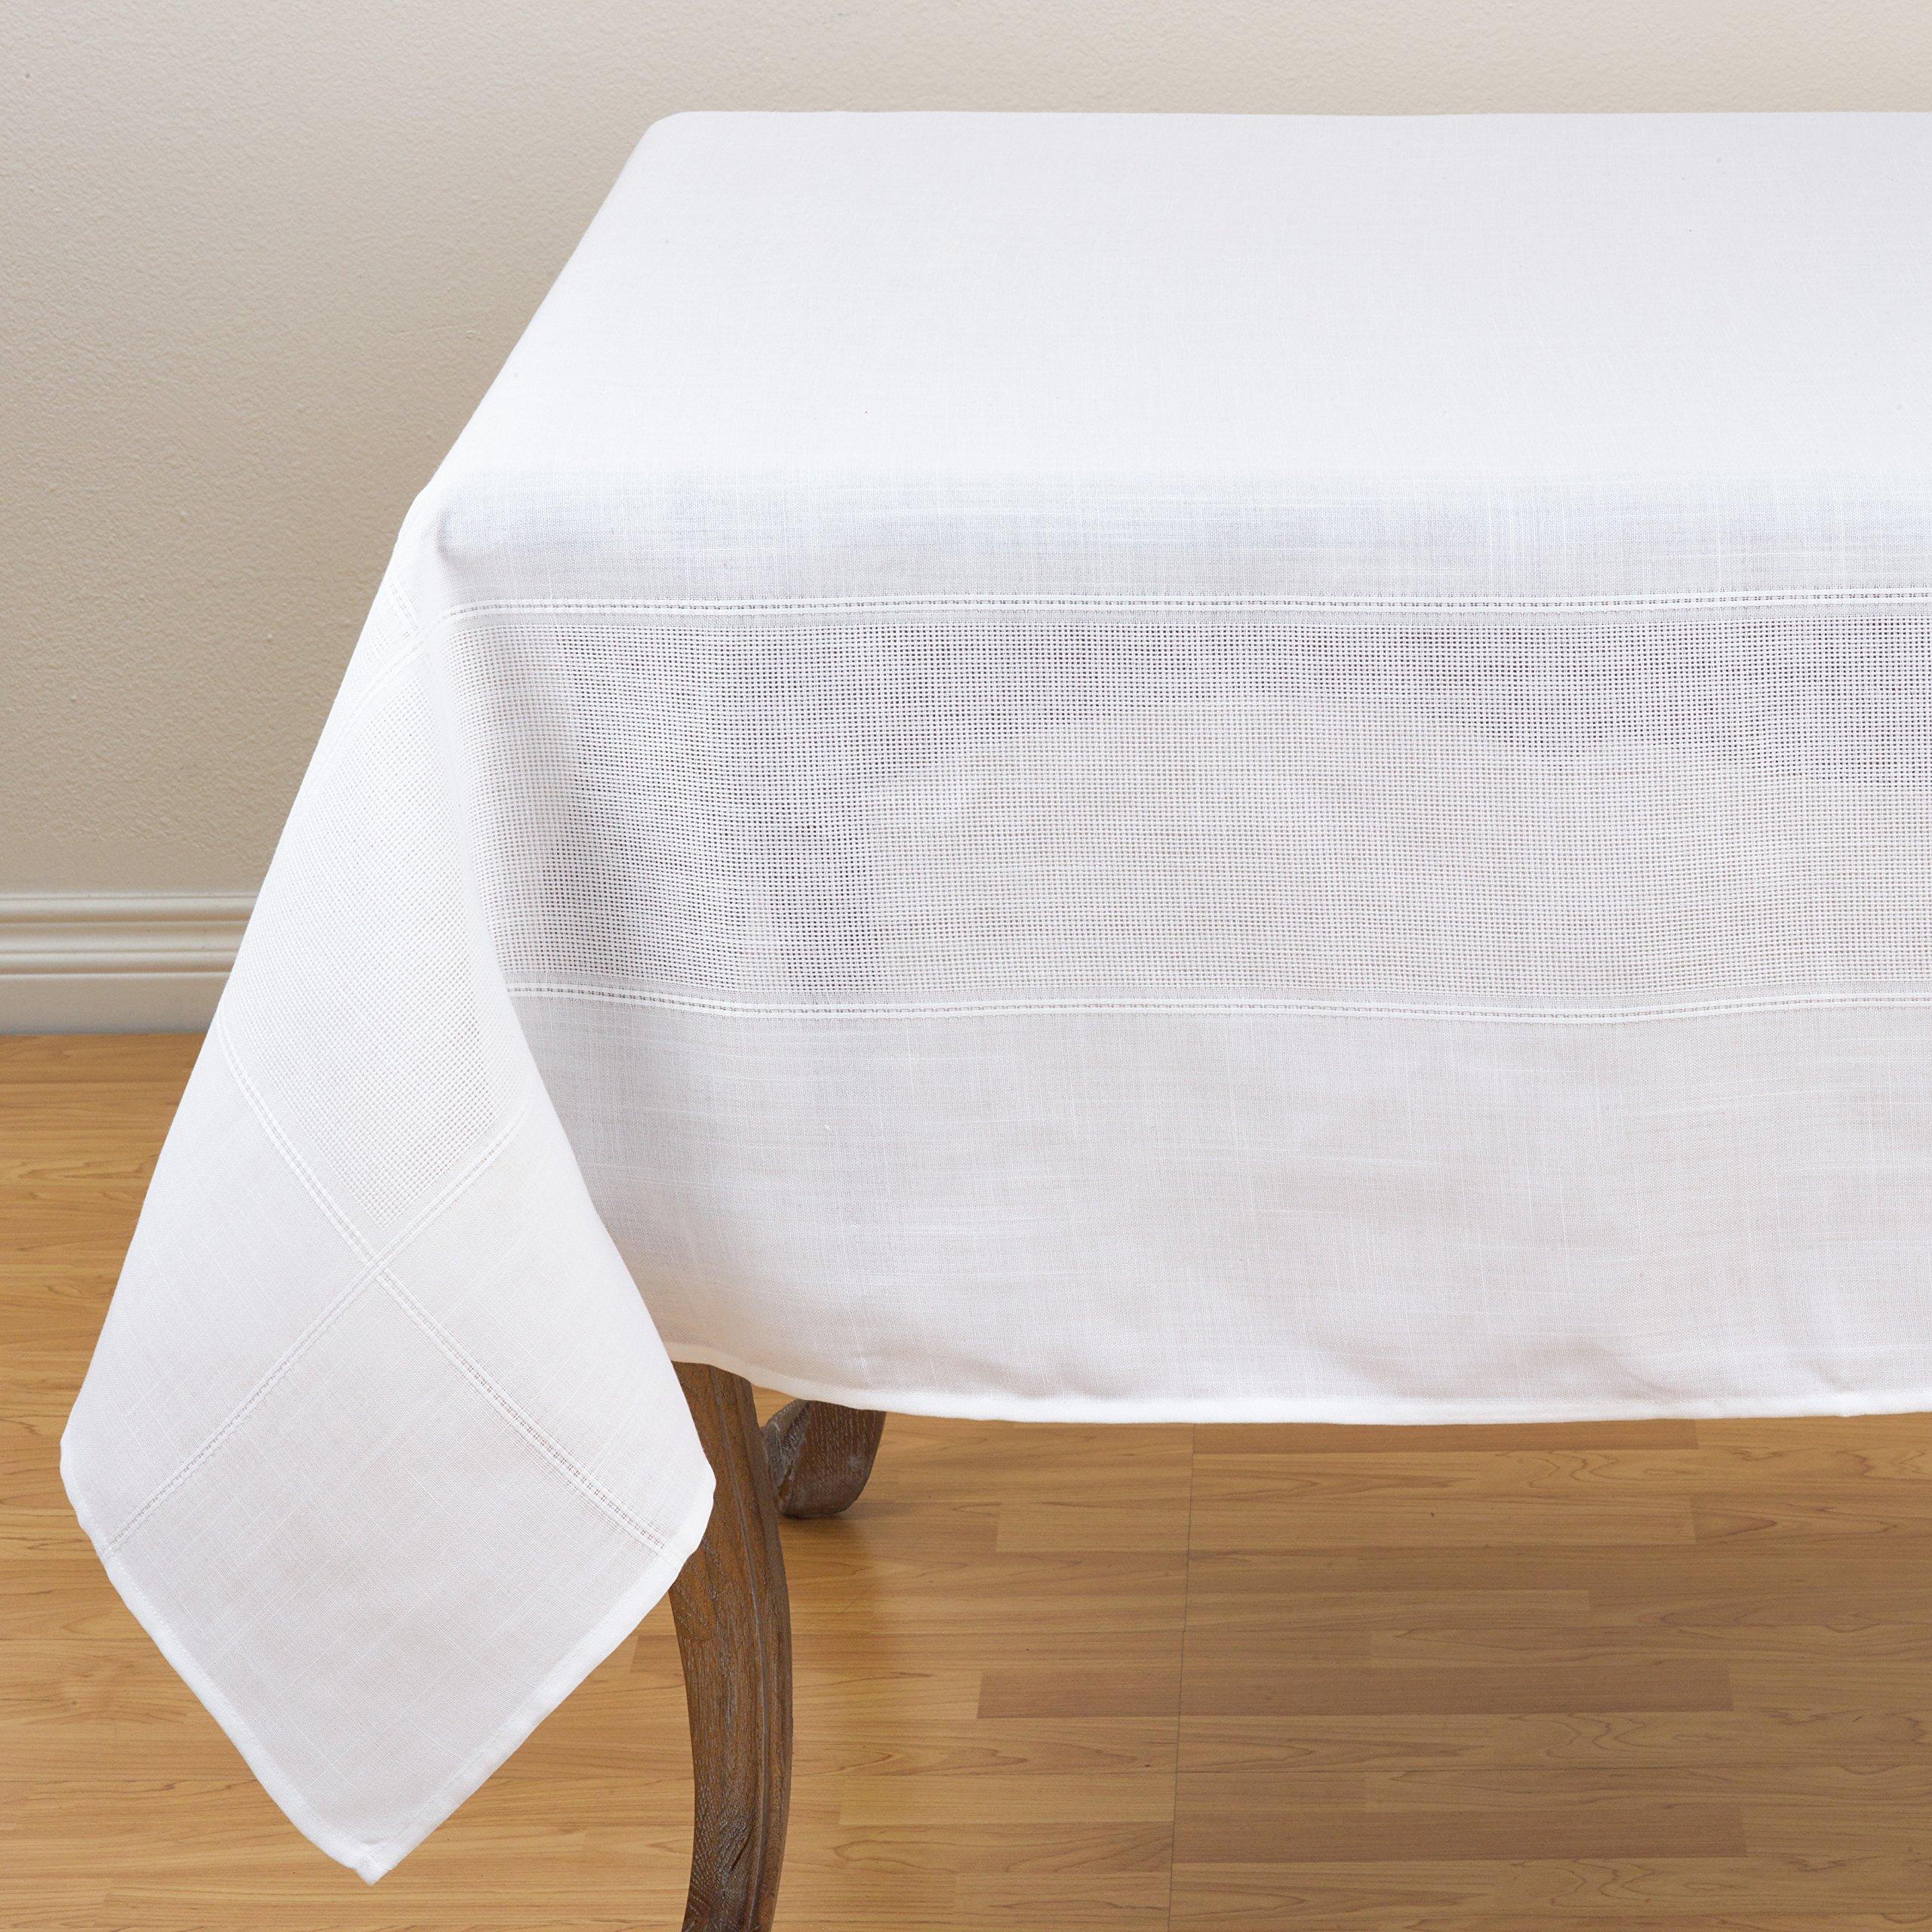 SARO LIFESTYLE Julieta Collection Drawn Thread Work Tablecloth, 72'', White by SARO LIFESTYLE (Image #1)